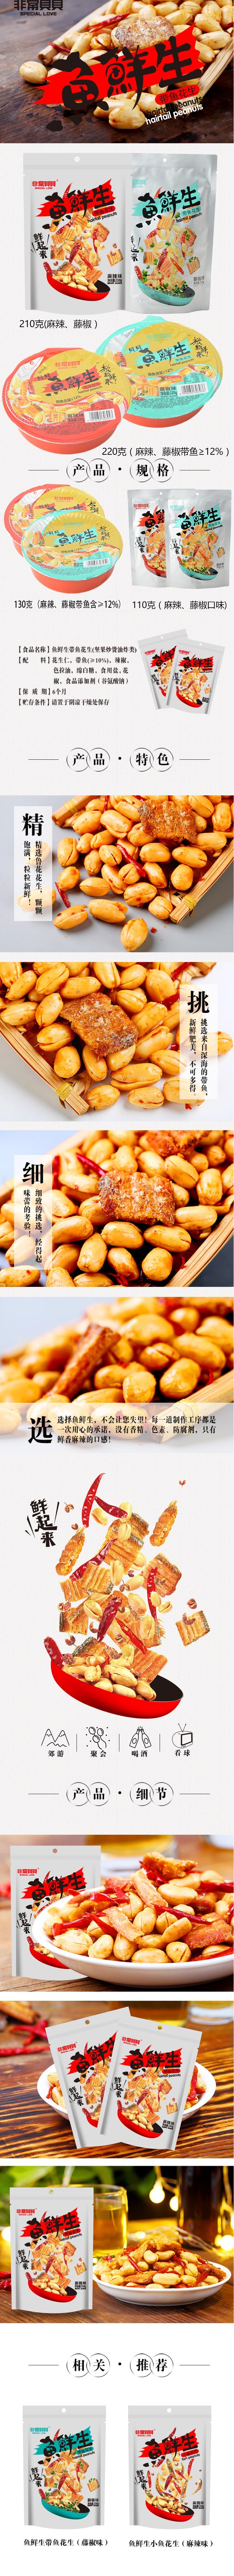 辽宁特产    非常贝贝鱼鲜生一碗酥脆带鱼鲁花花生下酒菜220g*4